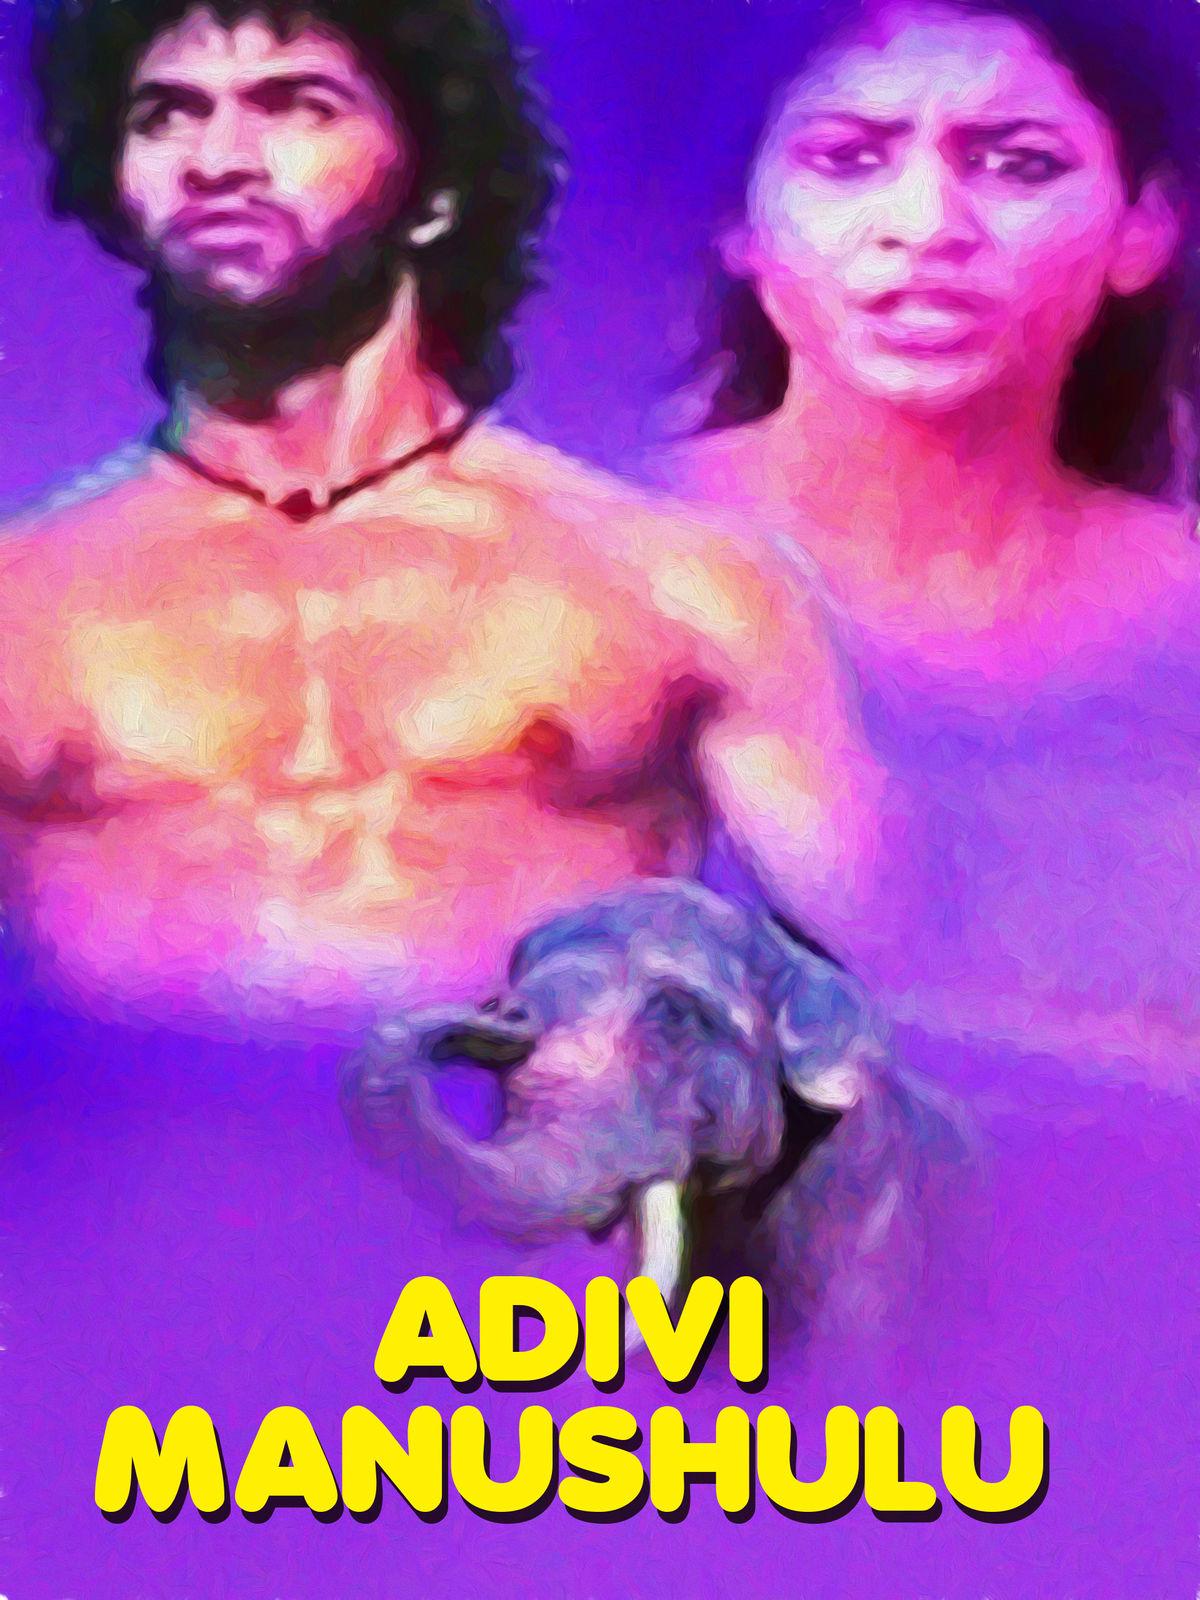 Adivi Manushulu